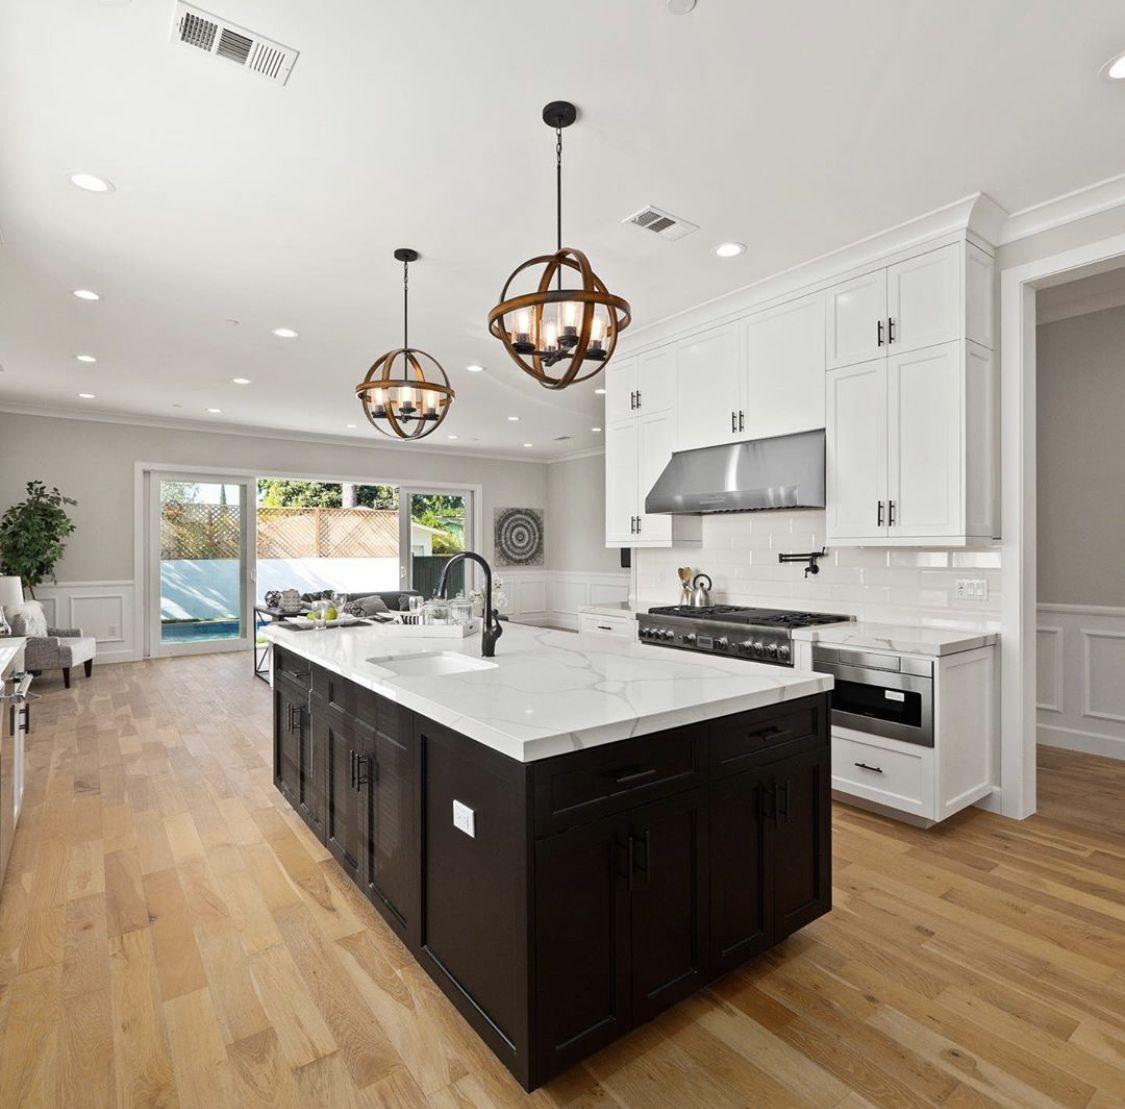 Beautiful Kitchen Beautiful Kitchens Luxury Homes Kitchen